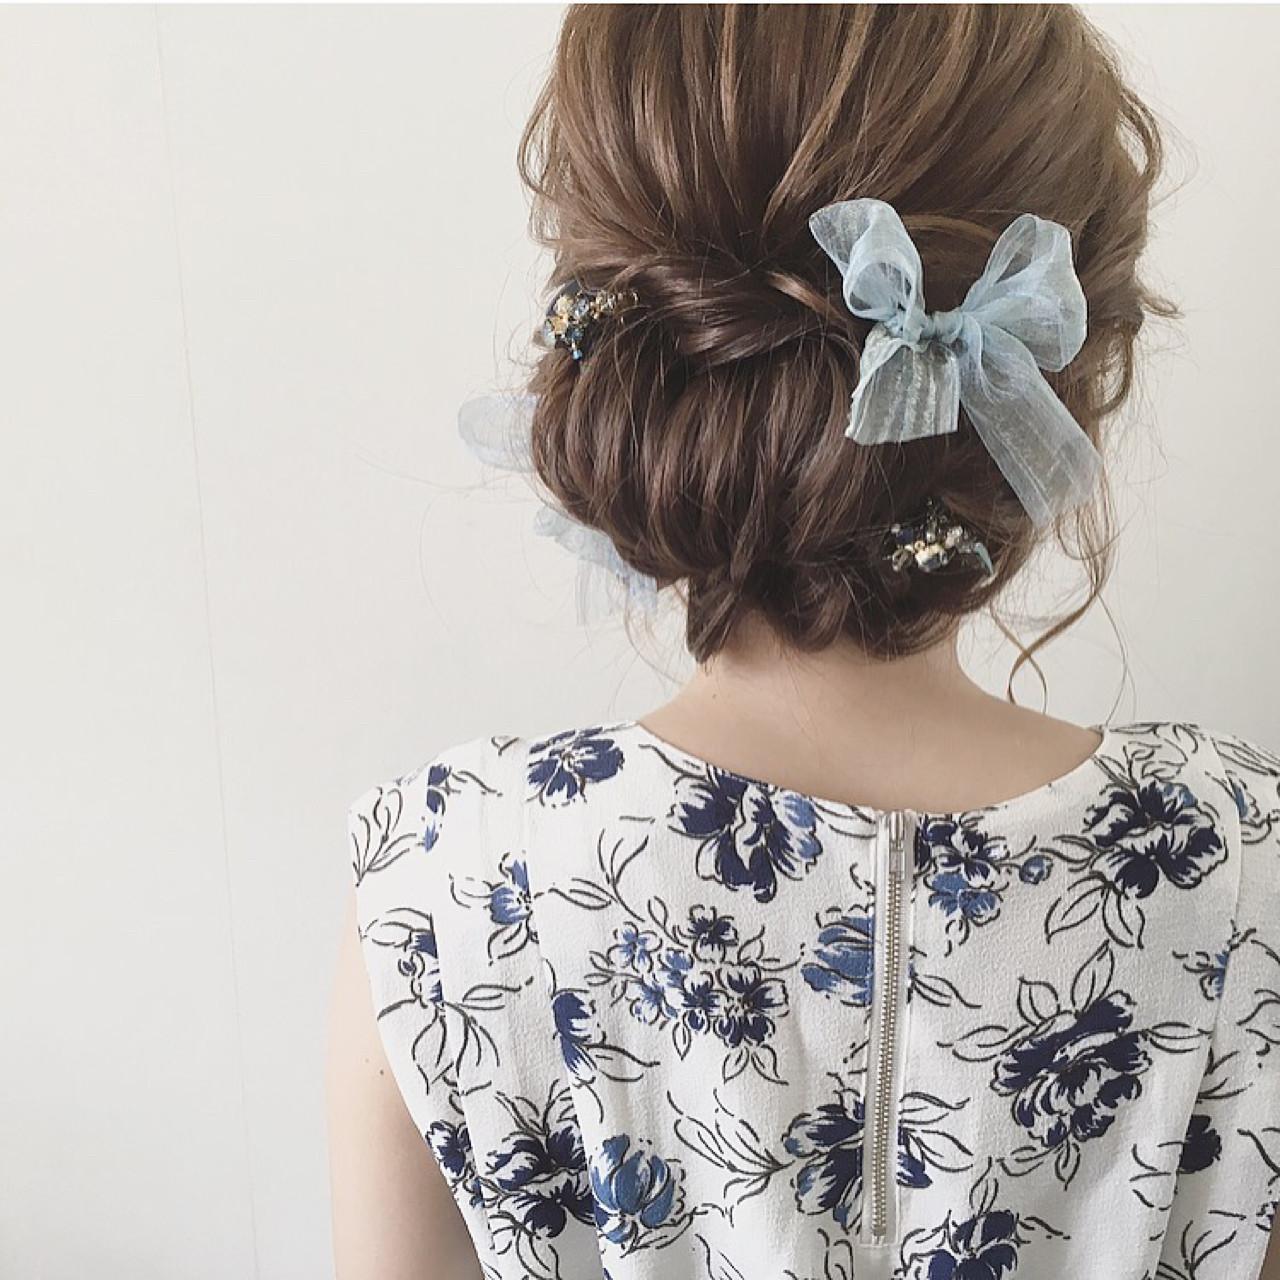 ガーリー 結婚式 ミディアム 大人かわいい ヘアスタイルや髪型の写真・画像